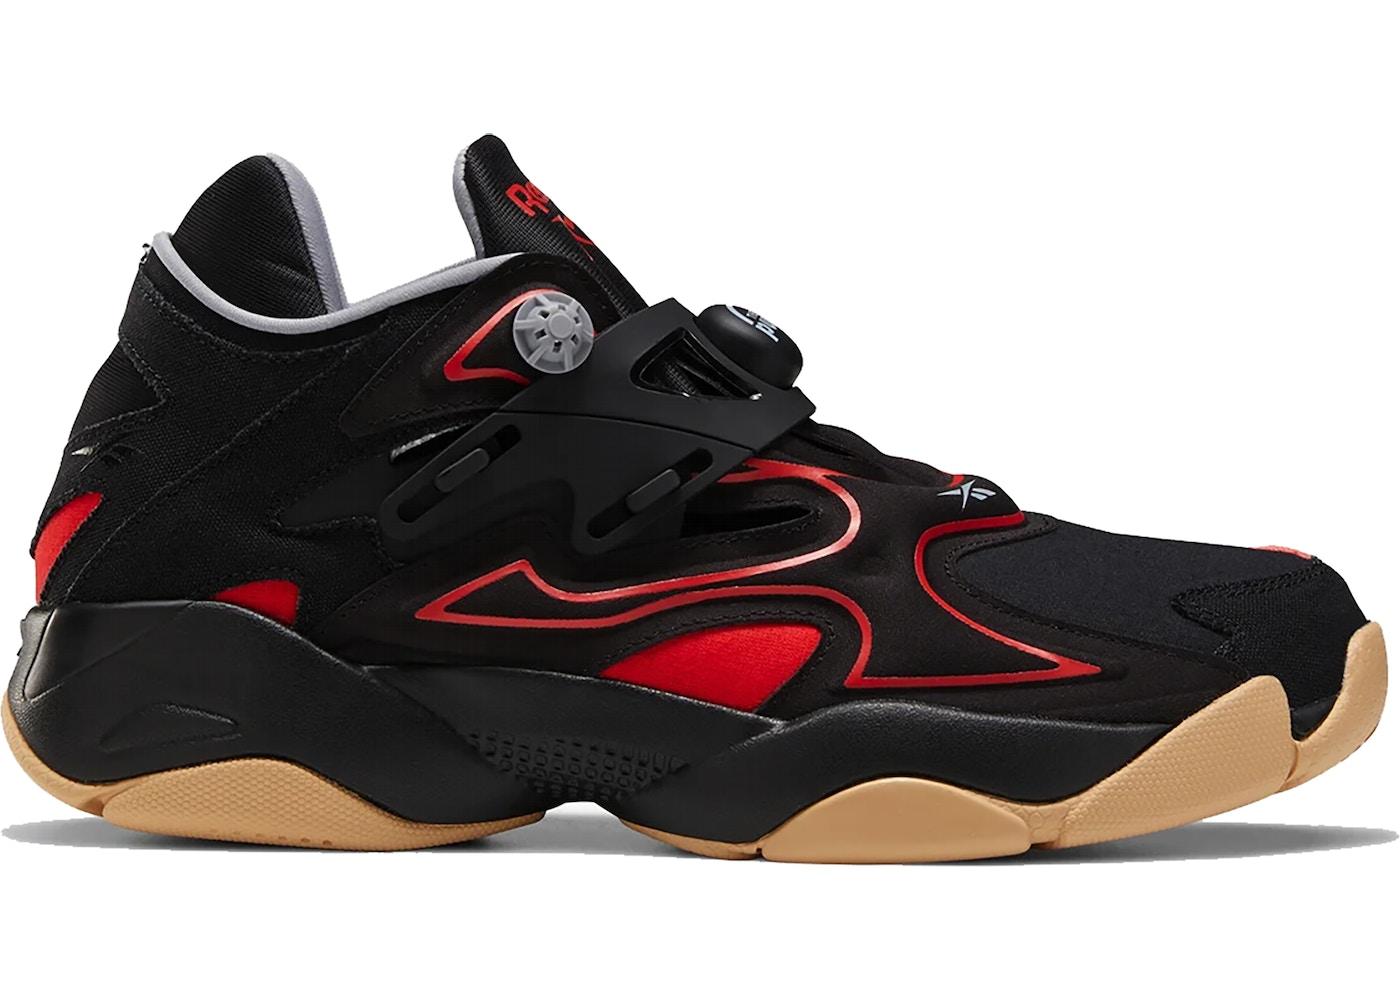 bästa leverantör springa skor utförsäljning Reebok Pump Court Black Red Gum - FW7821